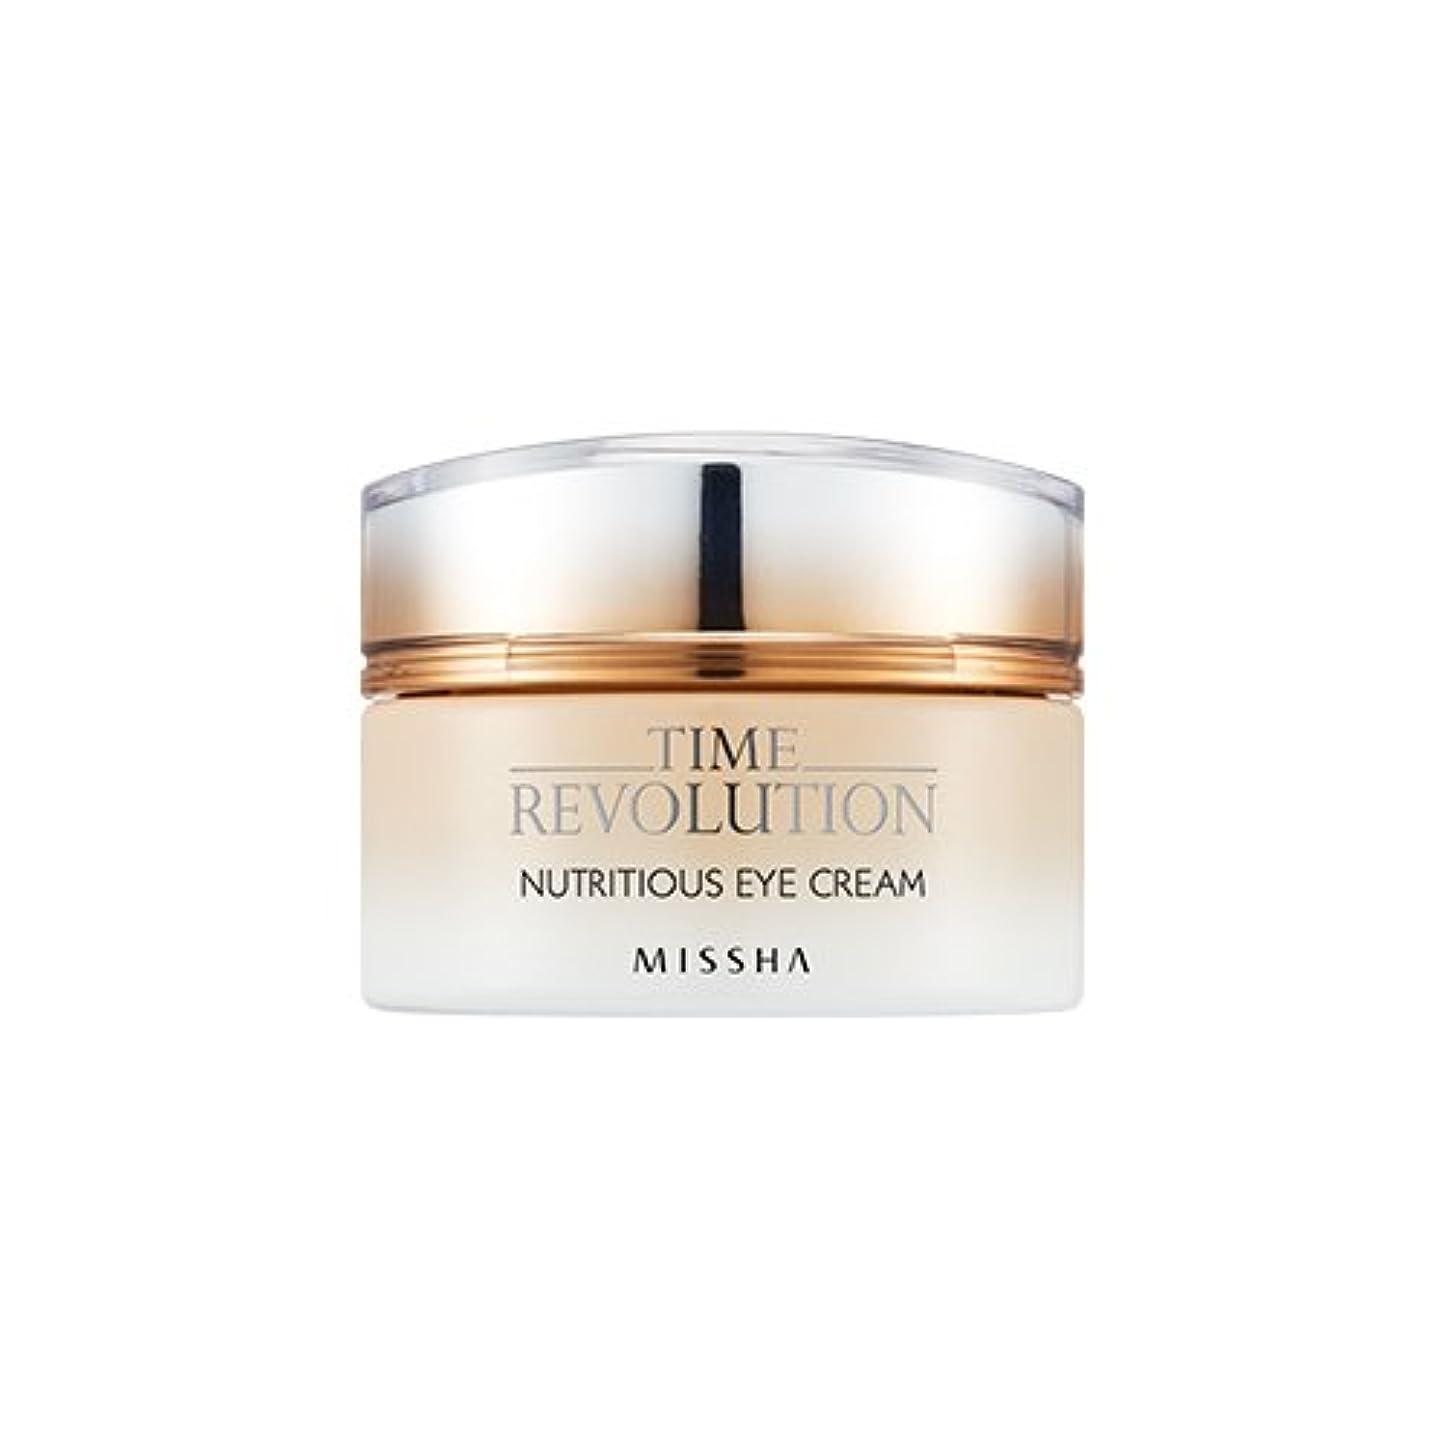 ターゲット宣伝物語[New] MISSHA Time Revolution Nutritious Eye Cream 25ml/ミシャ タイム レボリューション ニュートリシャス アイクリーム 25ml [並行輸入品]